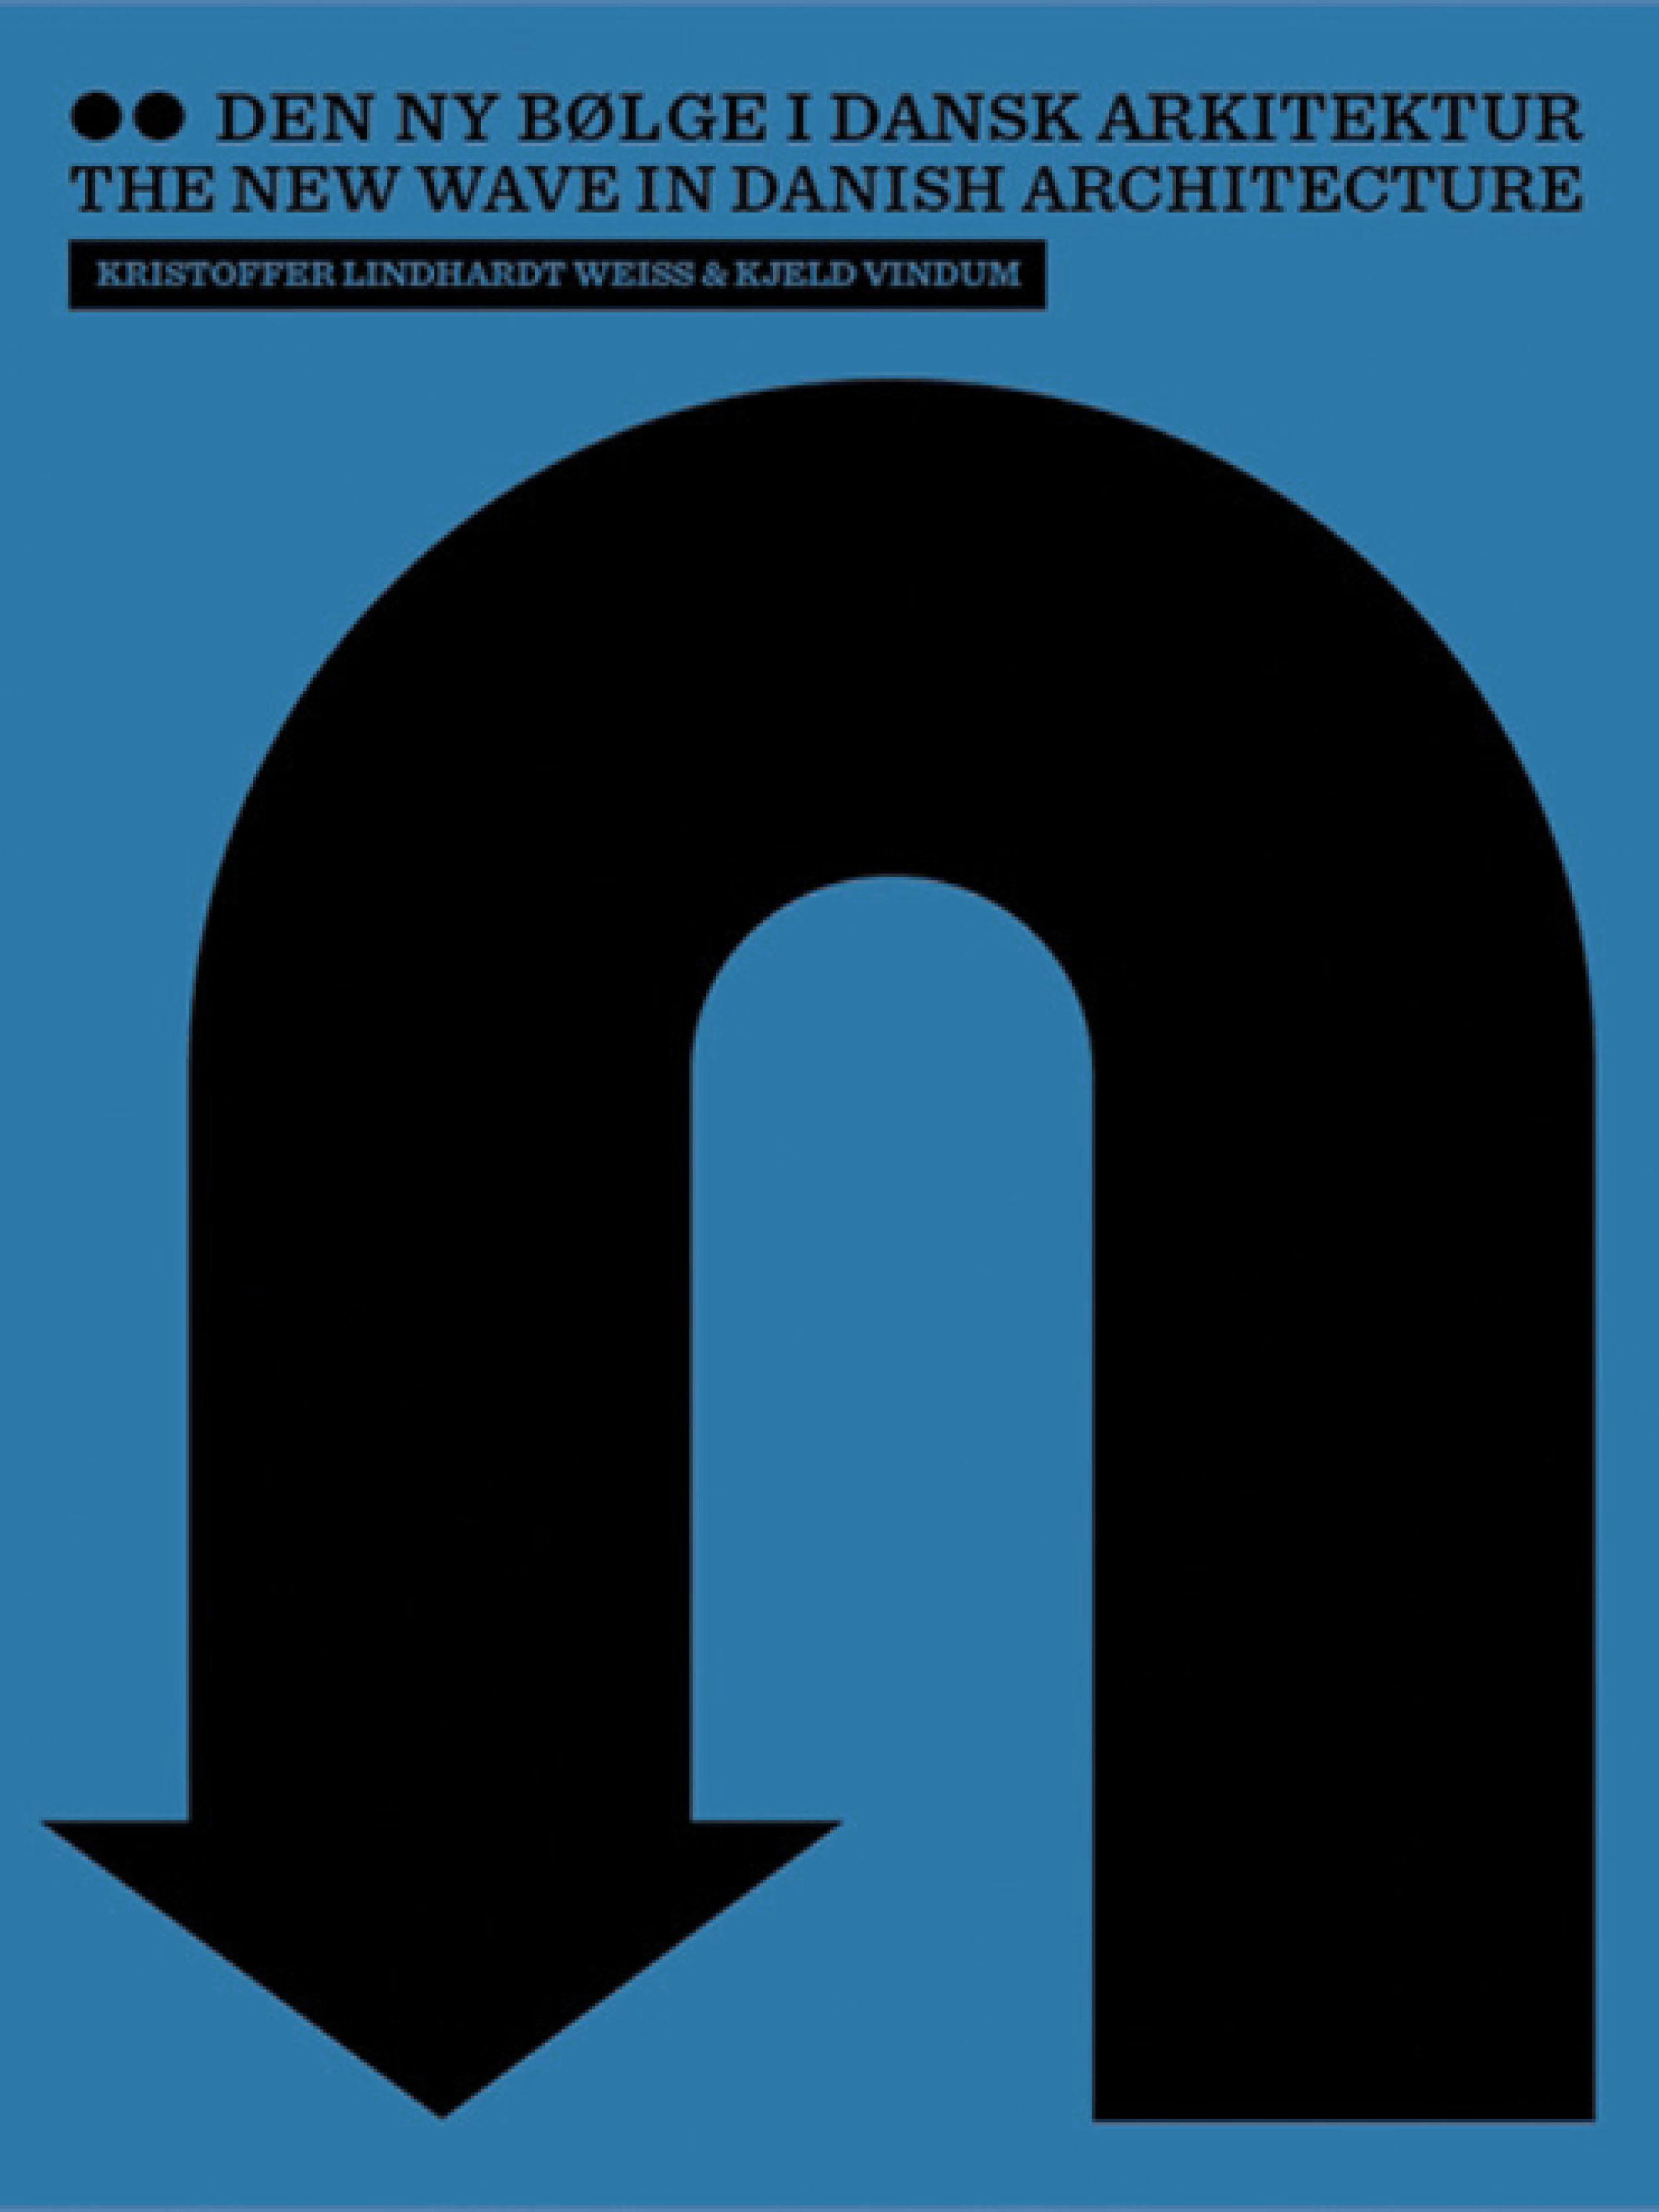 DNBDA_cover.jpg